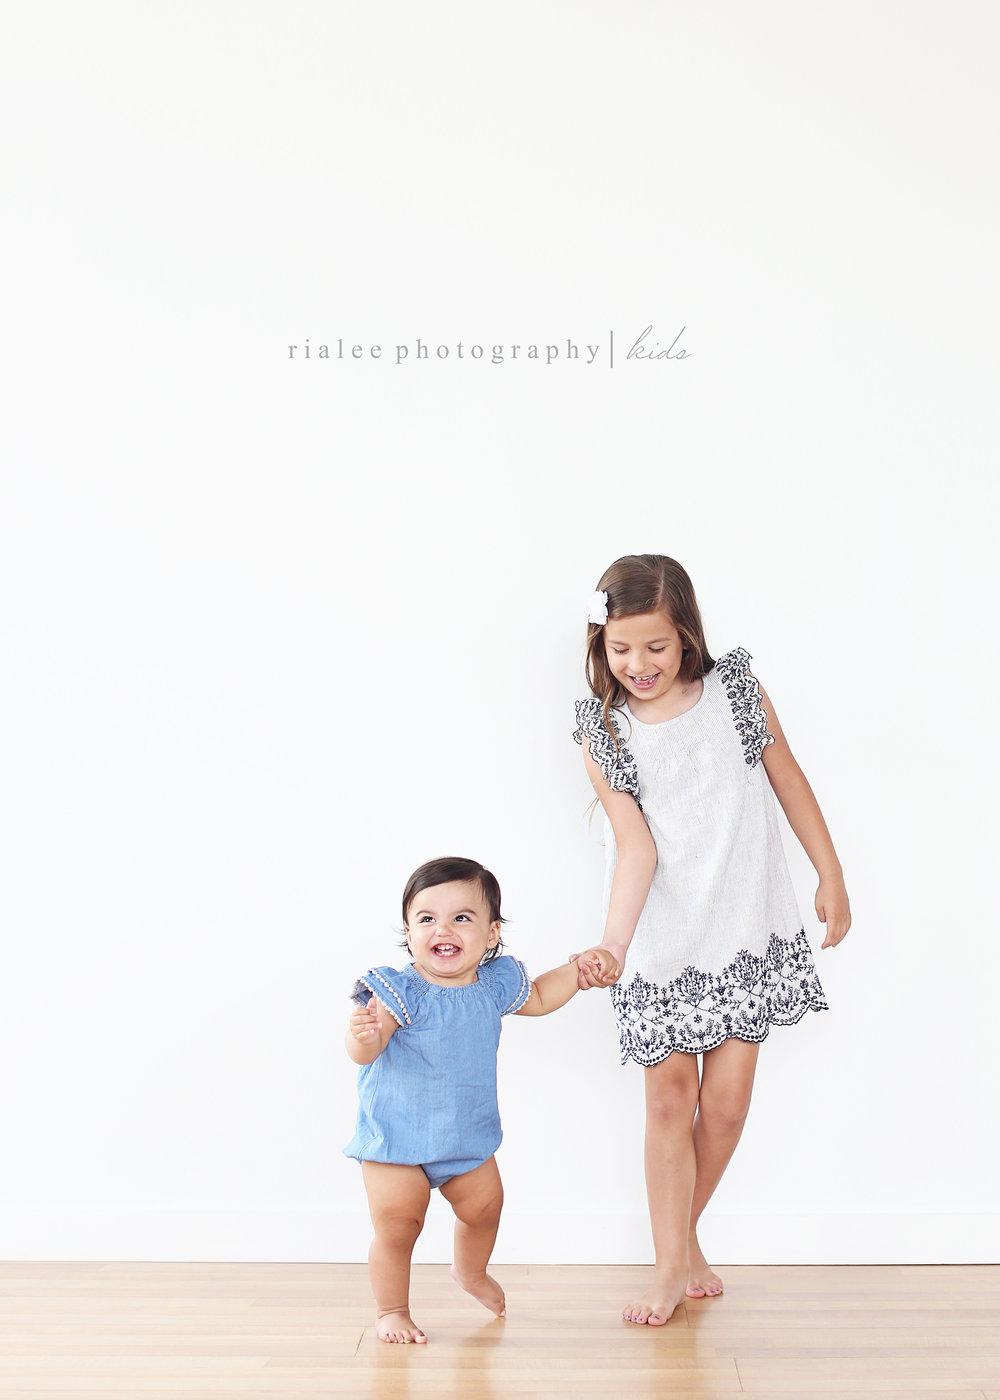 fargochildrensphotographer.jpg